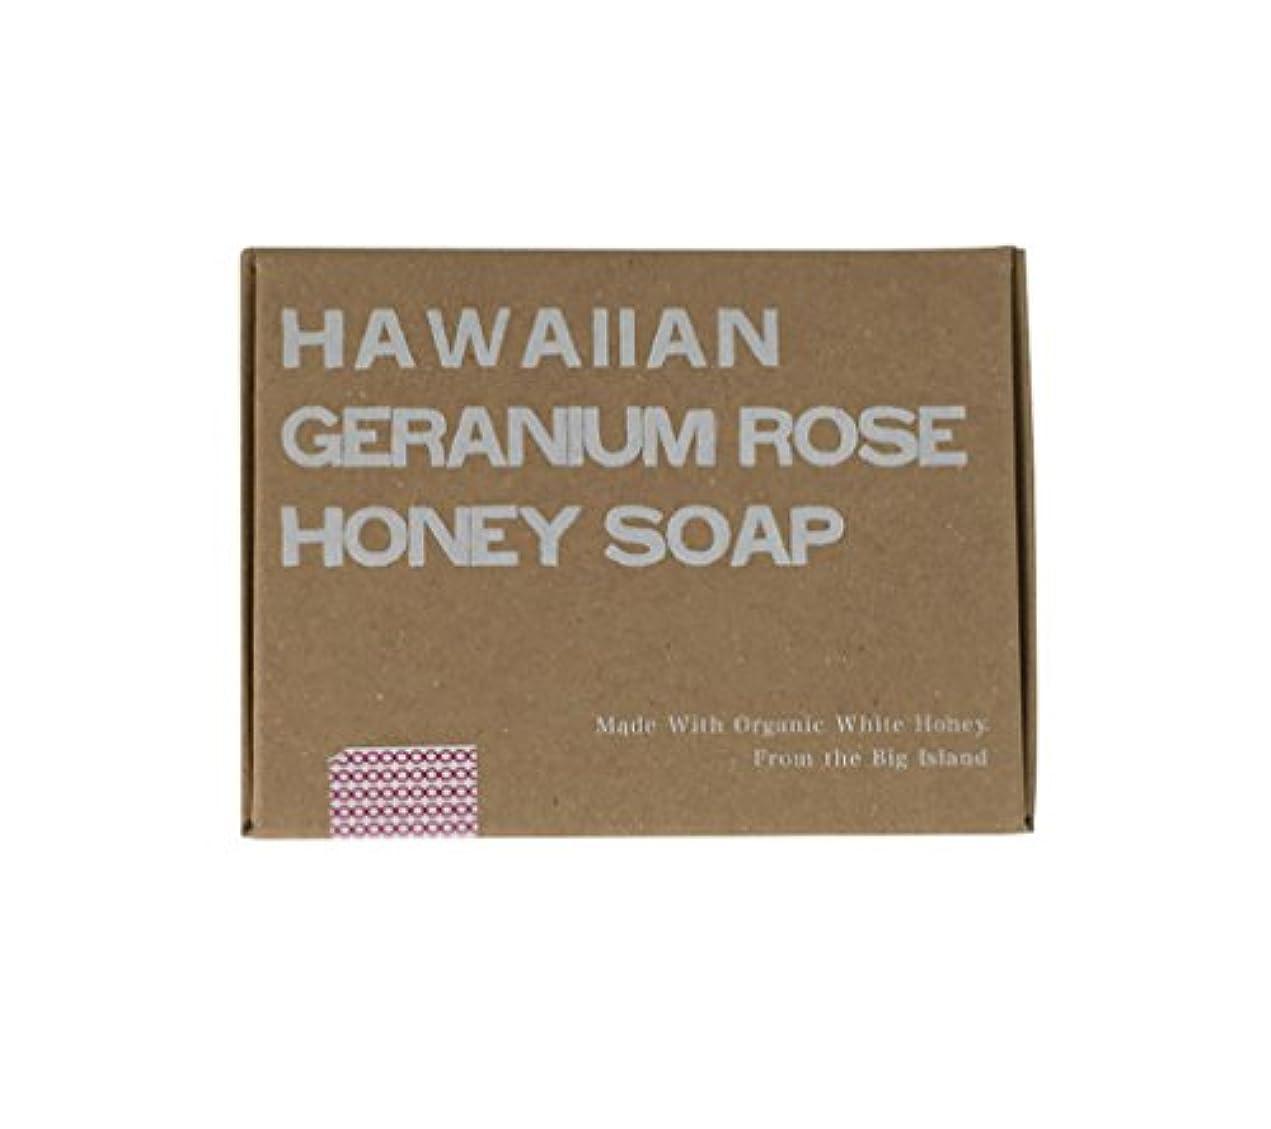 累積シュガーあそこホワイトハニーオーガニクス ハワイアン?ゼラニウムローズ?ハニーソープ (Hawaiian Geranium Rose Honey Soap)